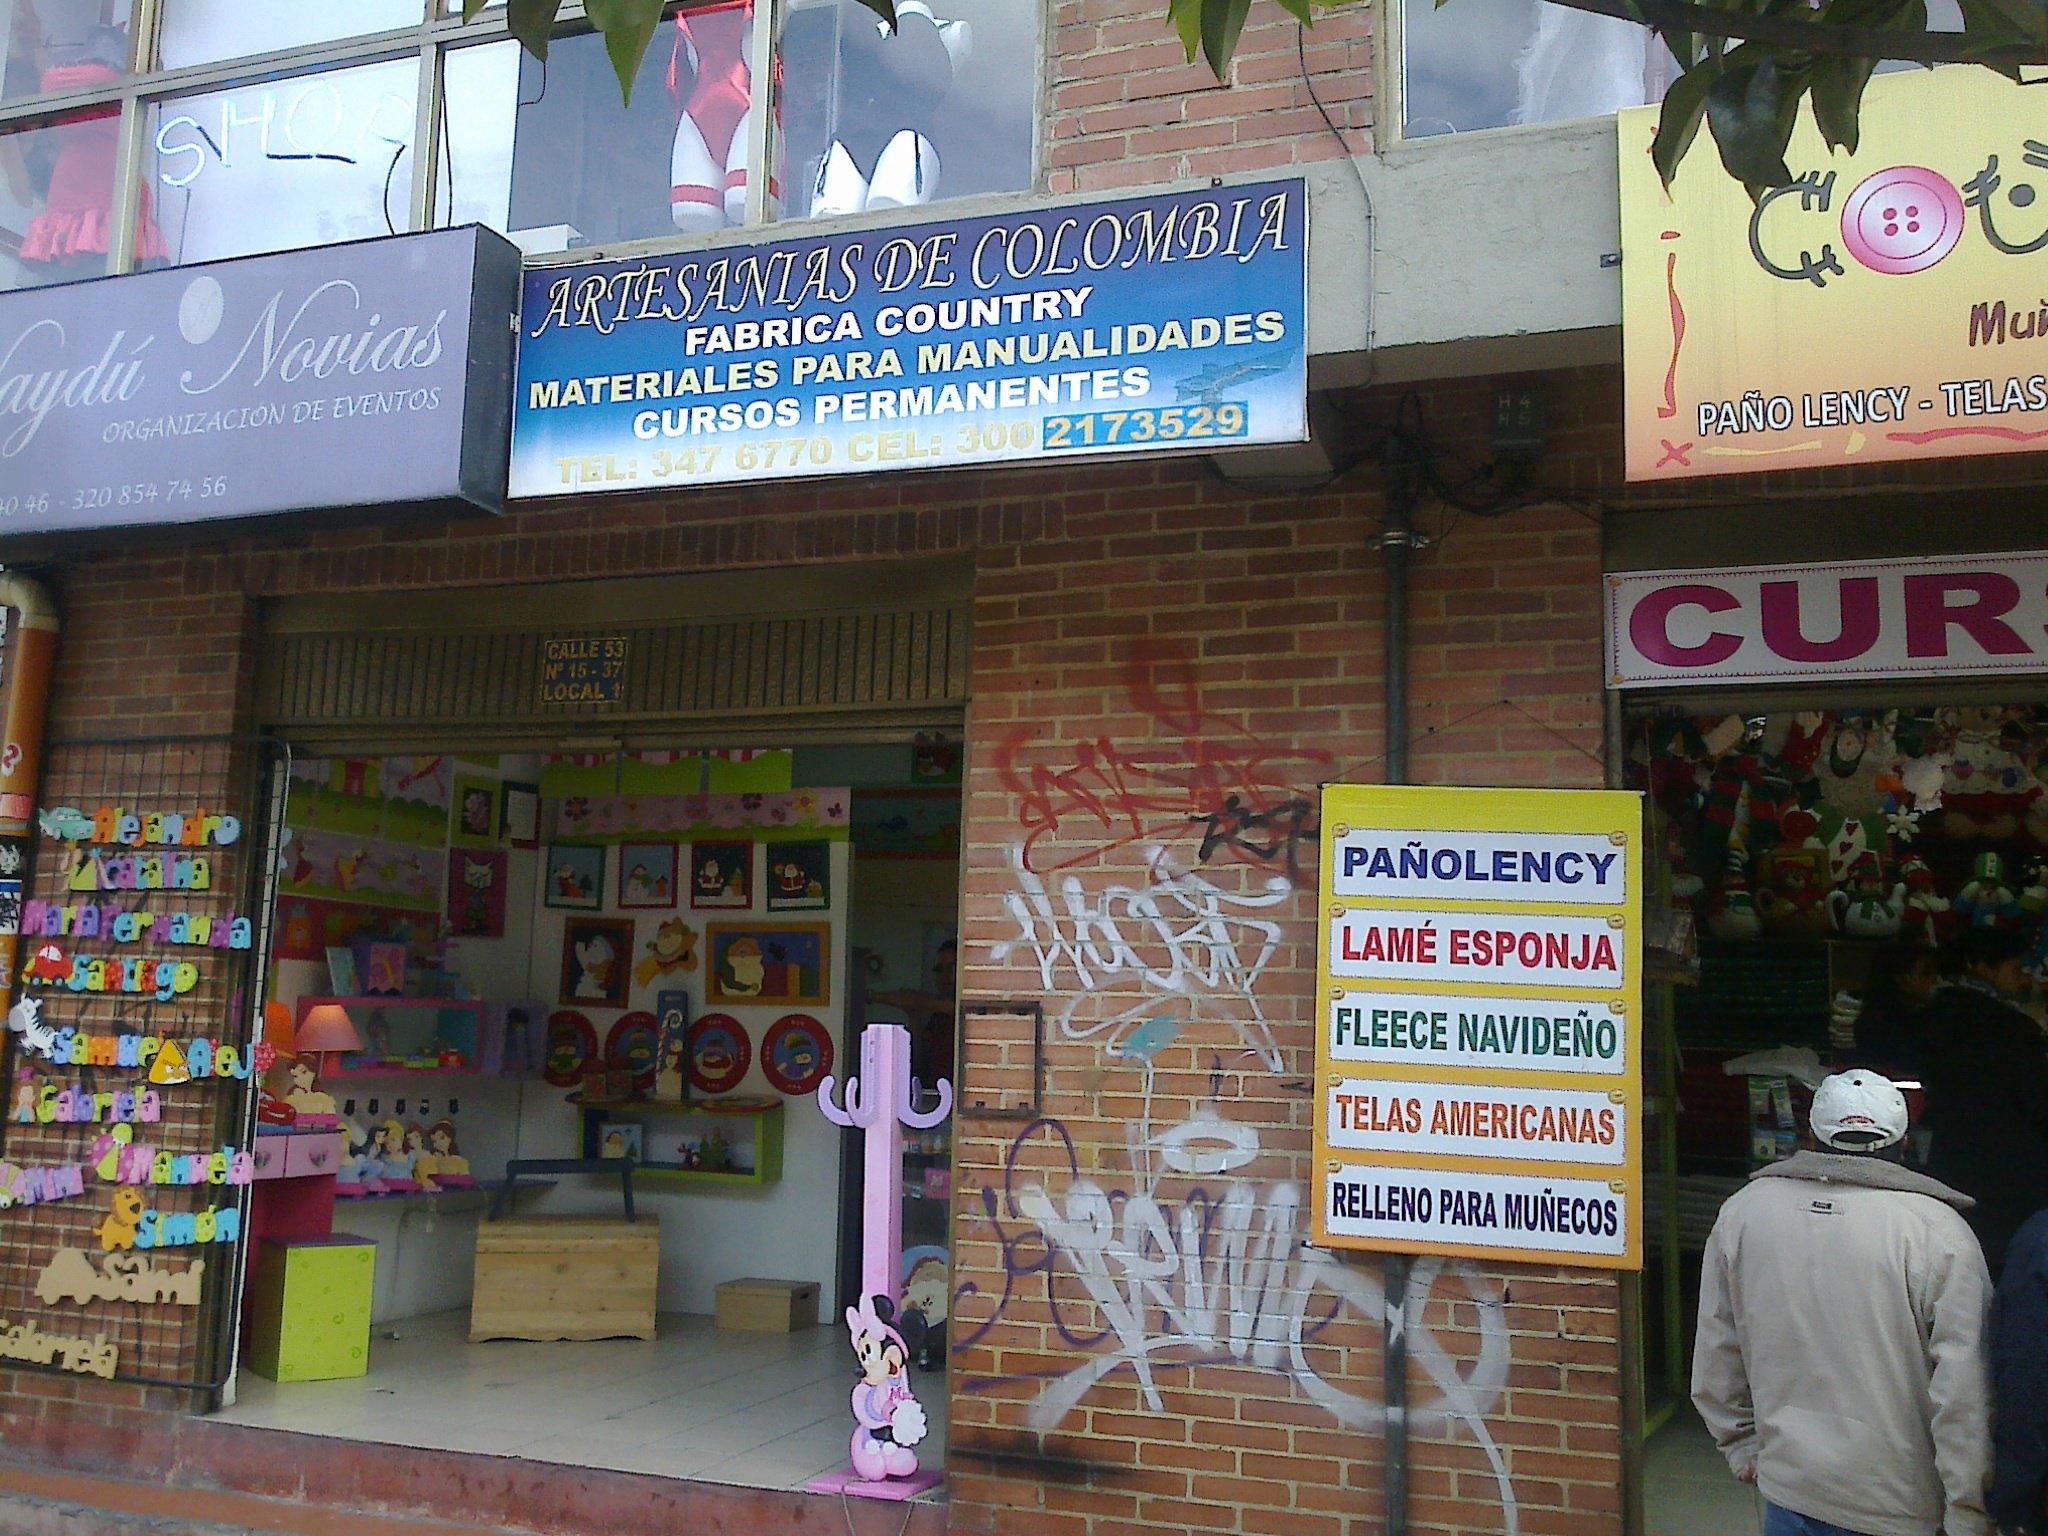 artesanias de colombia online dating Venta de artesanías de colombia, caña flecha, sombreros vueltiaos, mochilas arhuacas, hamacas artesanales, mochilas wayuu, palma de iraca - productos colombianos artesanales hechos a mano.